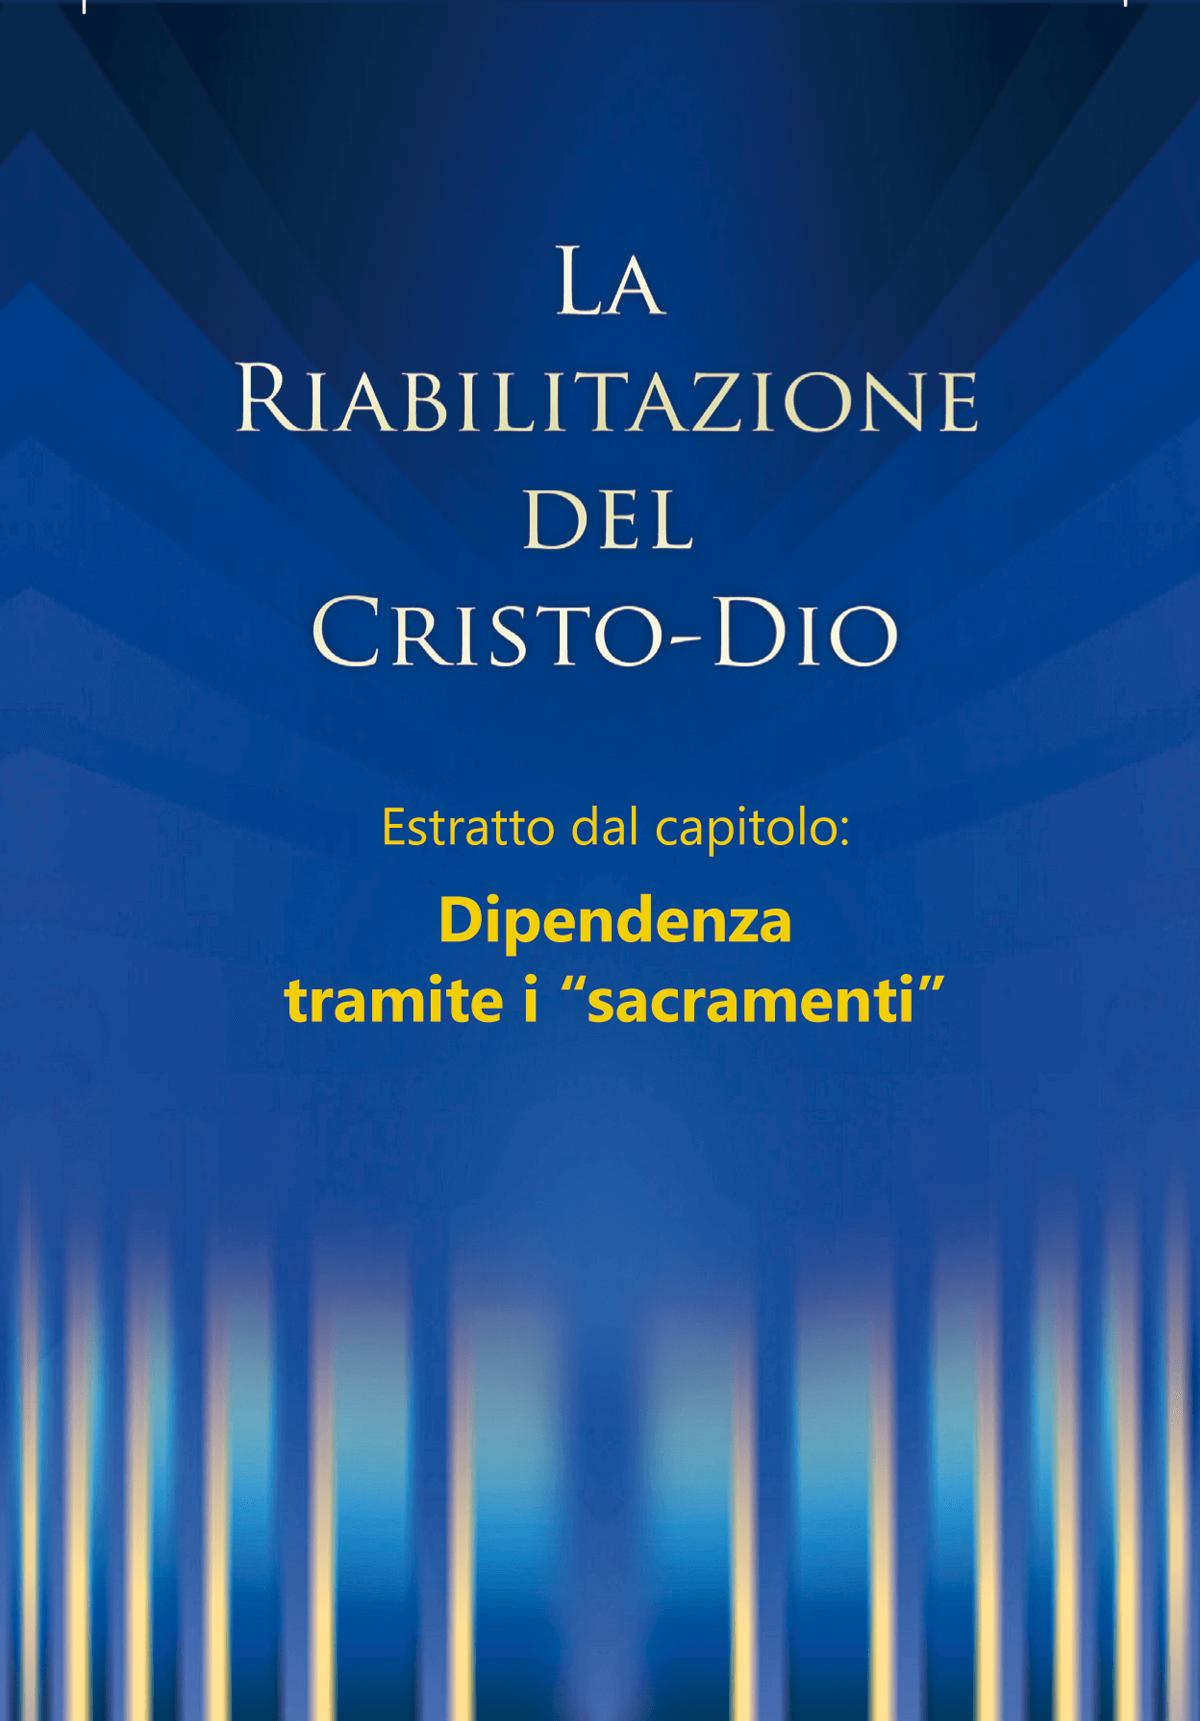 La riabilitazione - Estratto dal capitolo: Dipendenza tramite i sacramenti